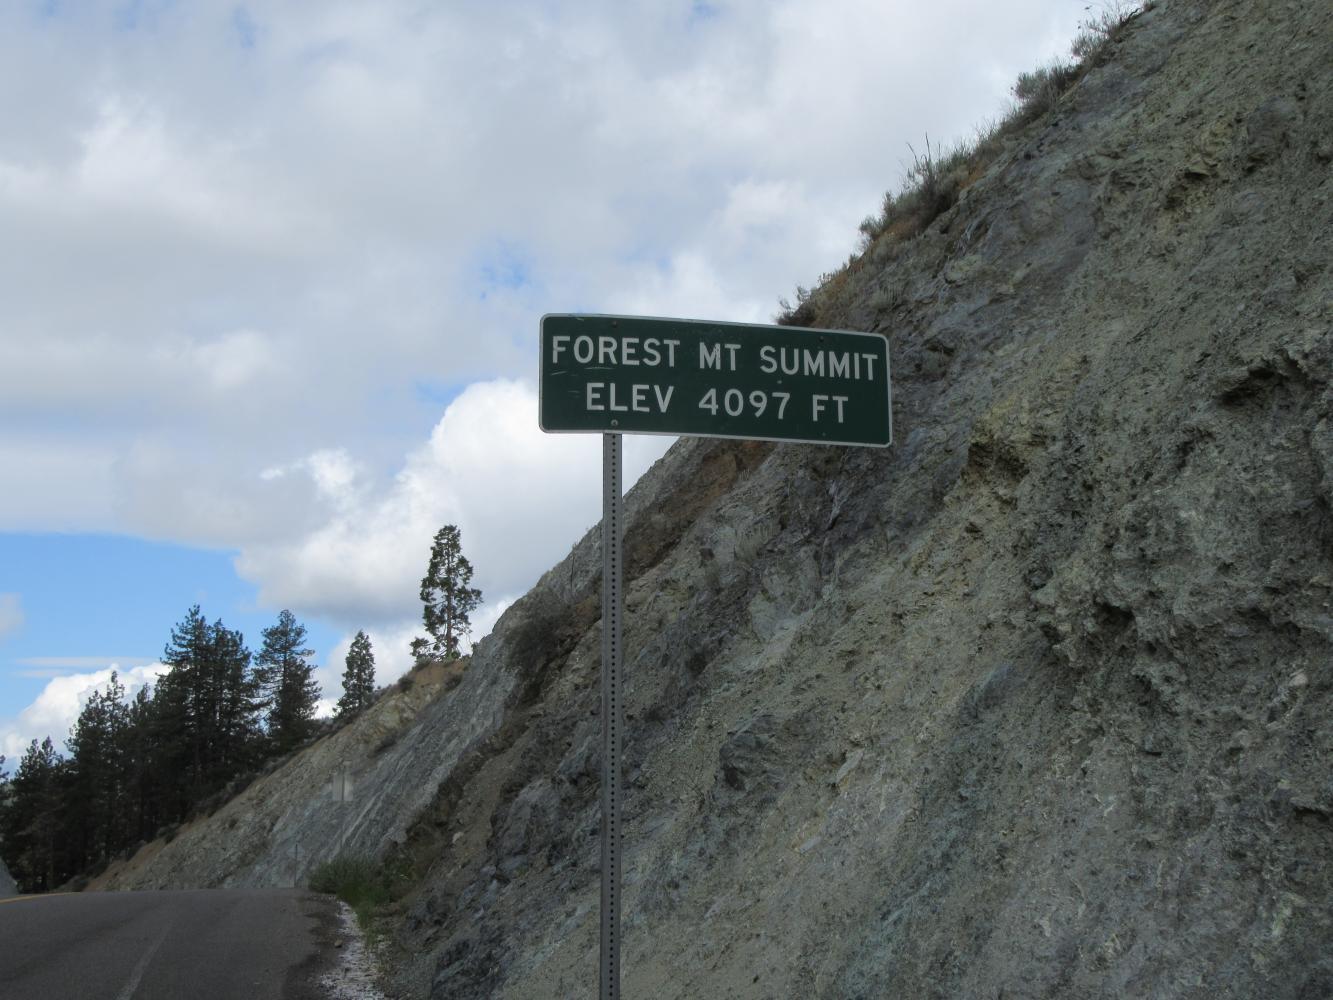 Forest Mt. Summit East Bike Climb - PJAMM Cycling